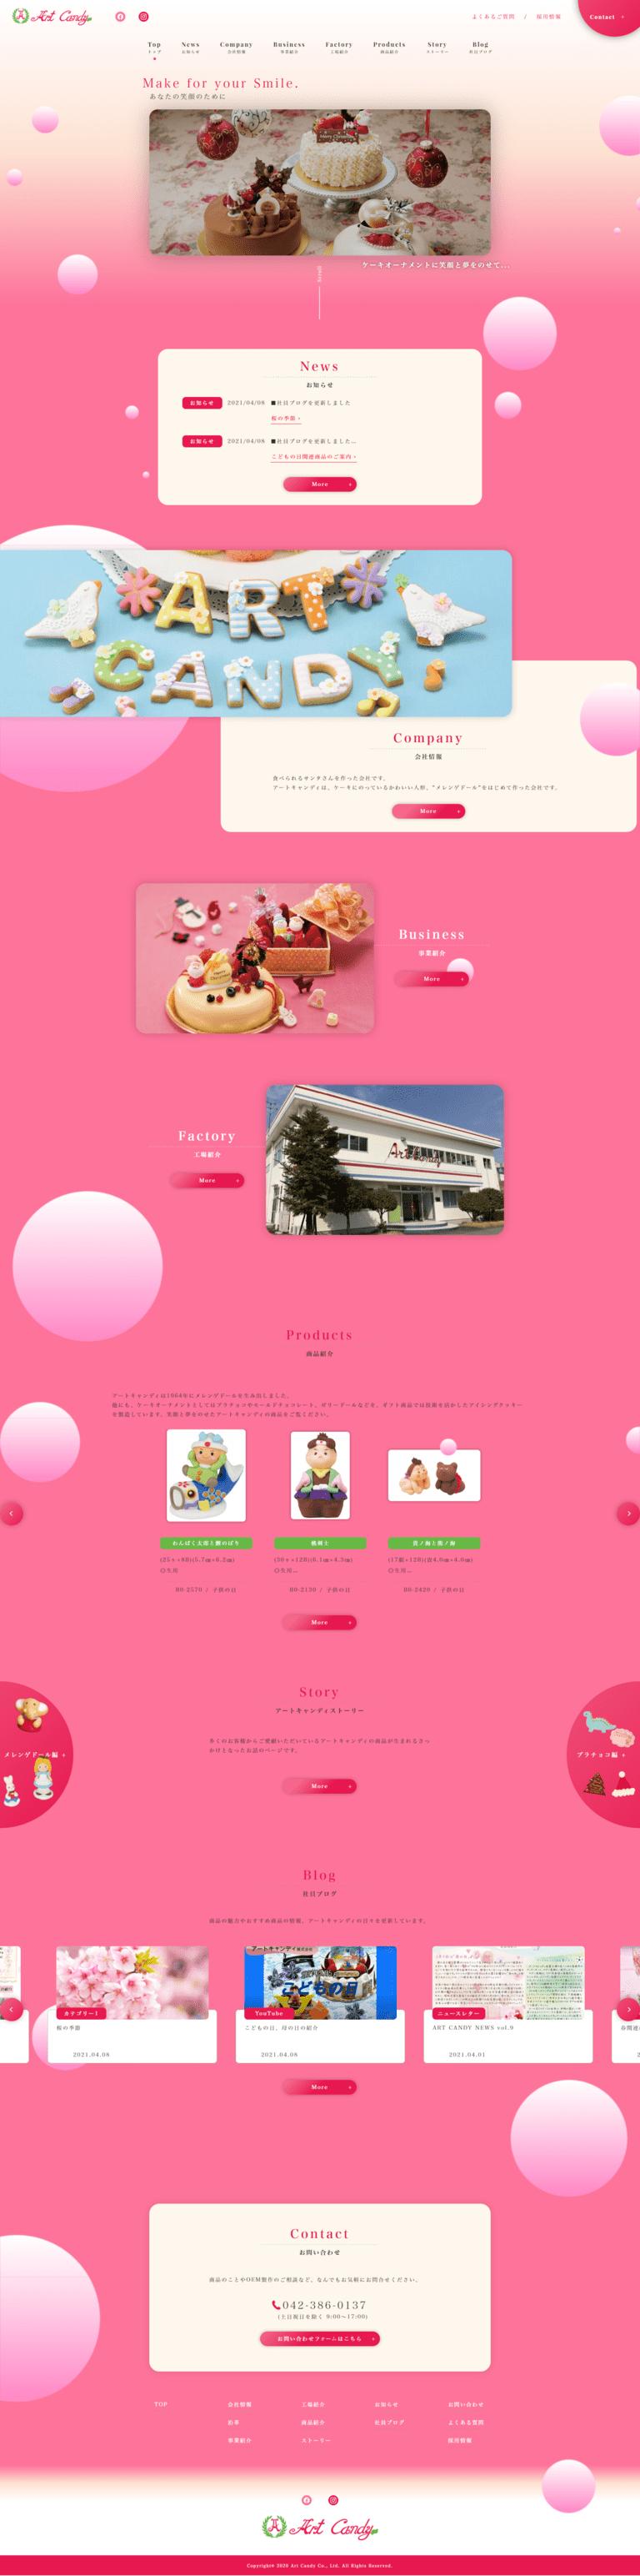 アートキャンディ㈱様 企業サイト